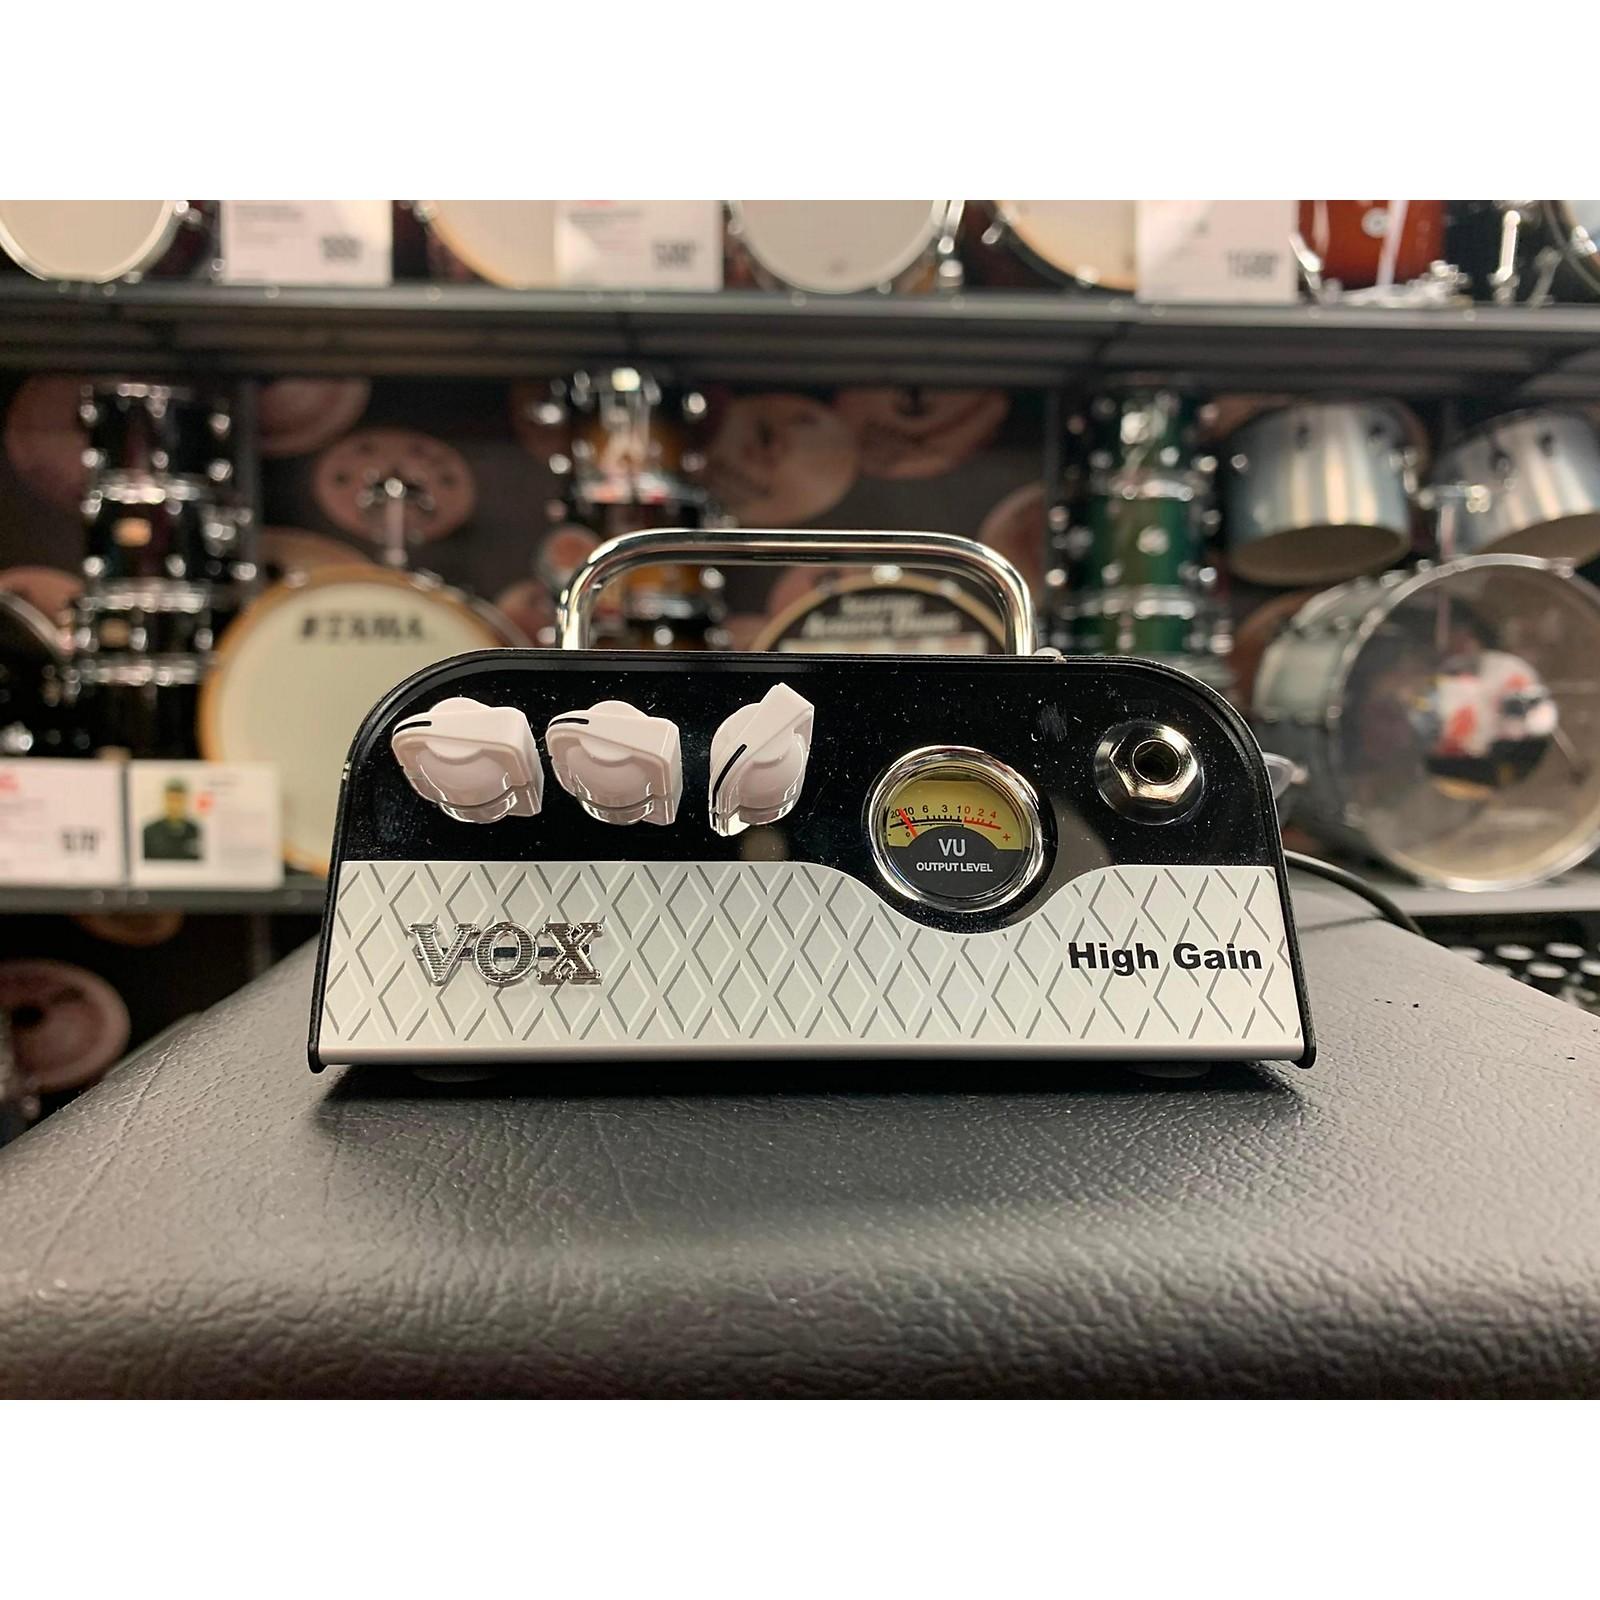 Vox MV50 High Gain Guitar Amp Head